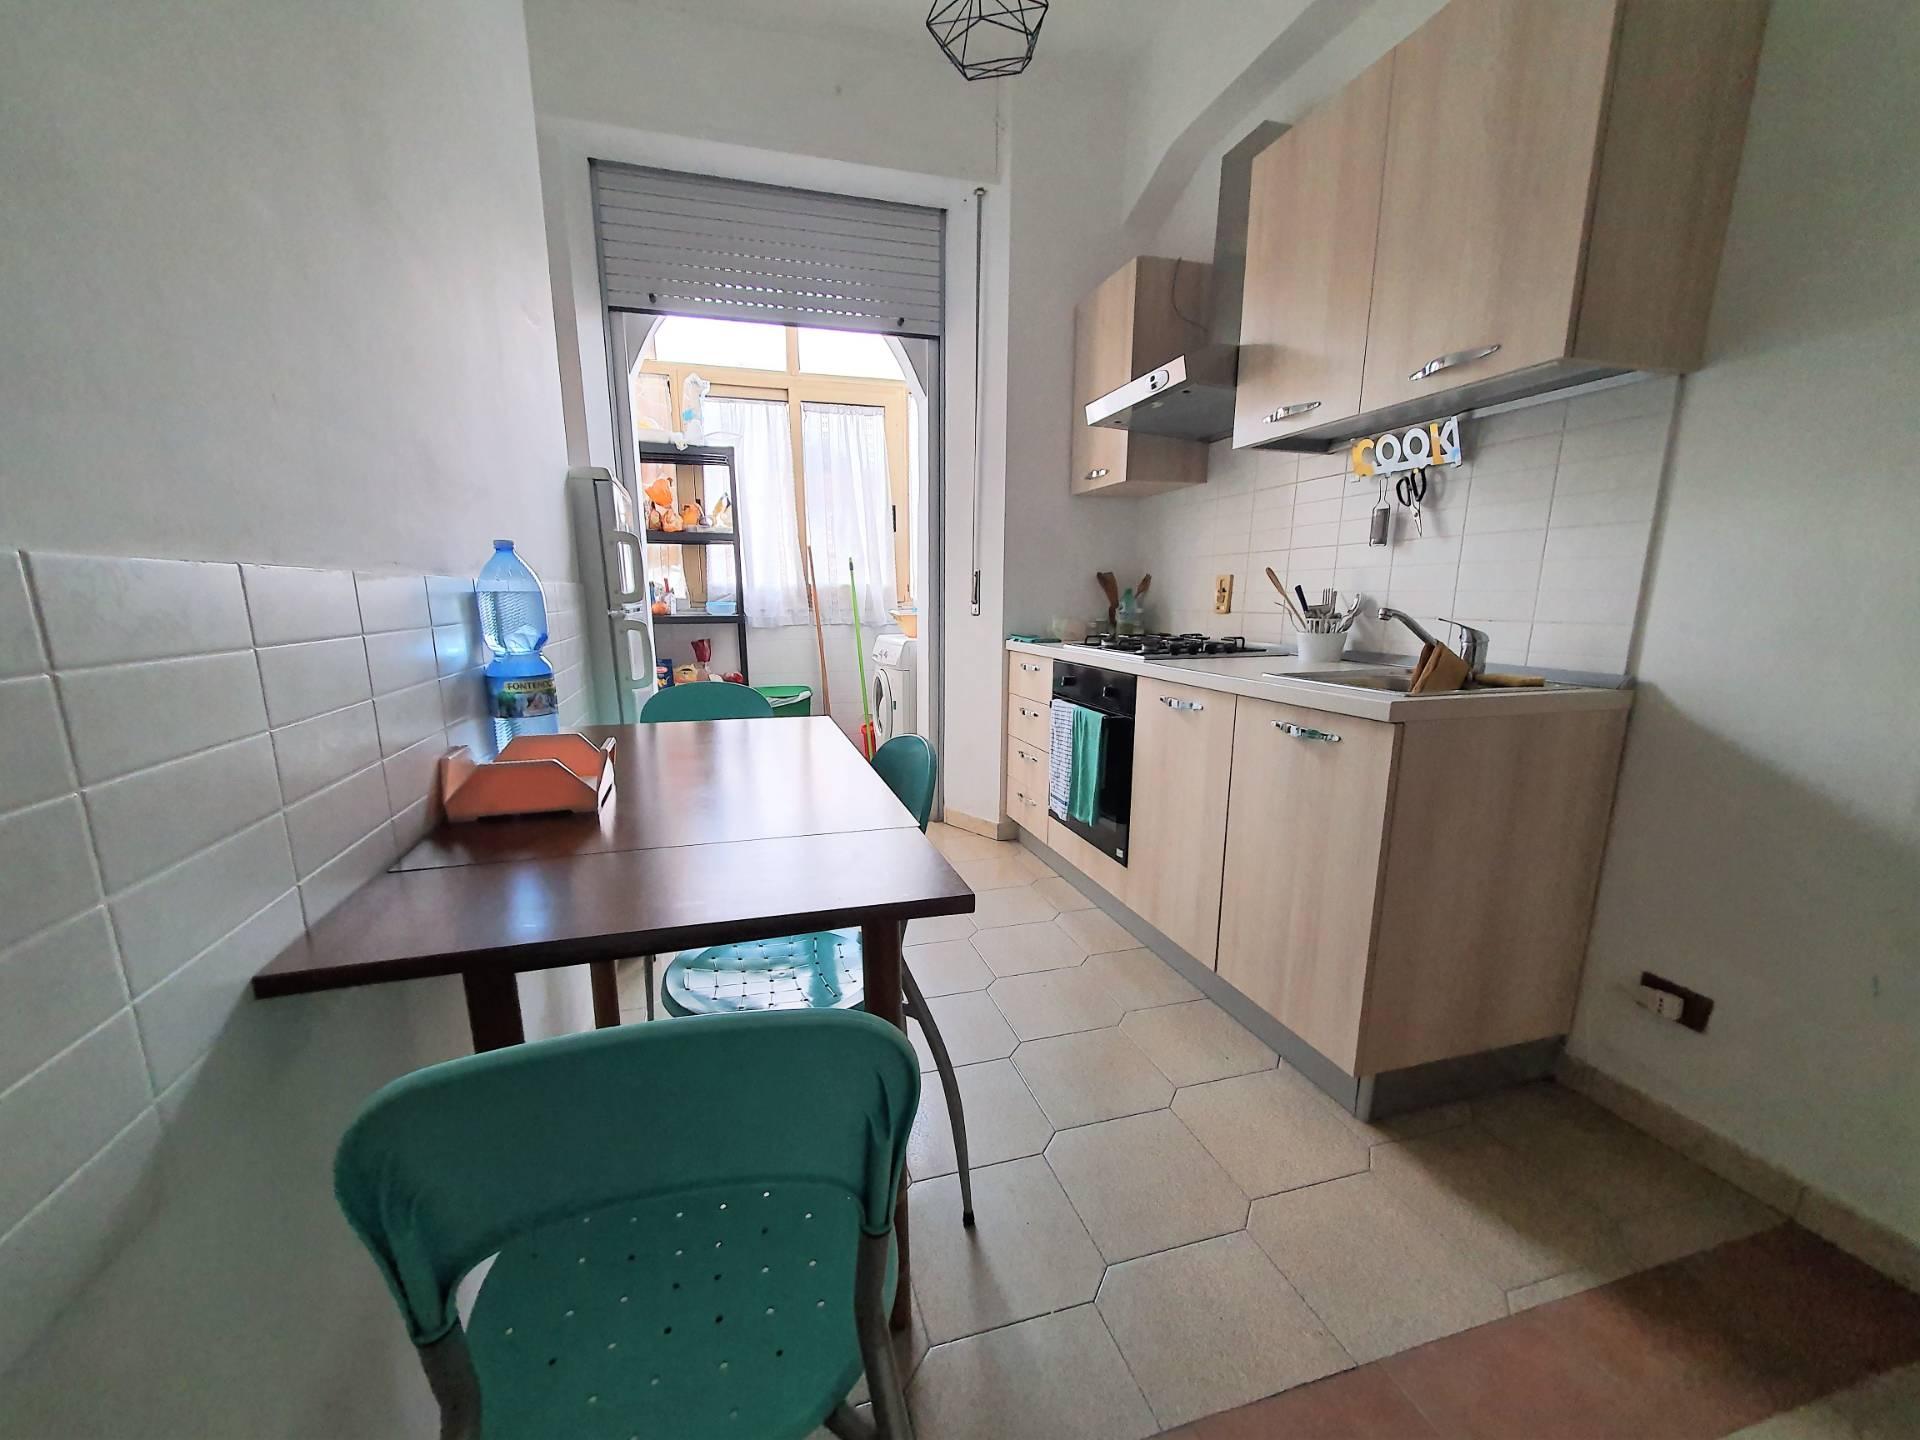 Appartamento in vendita a Catanzaro, 3 locali, zona Località: LidoCasciolino, prezzo € 125.000 | CambioCasa.it